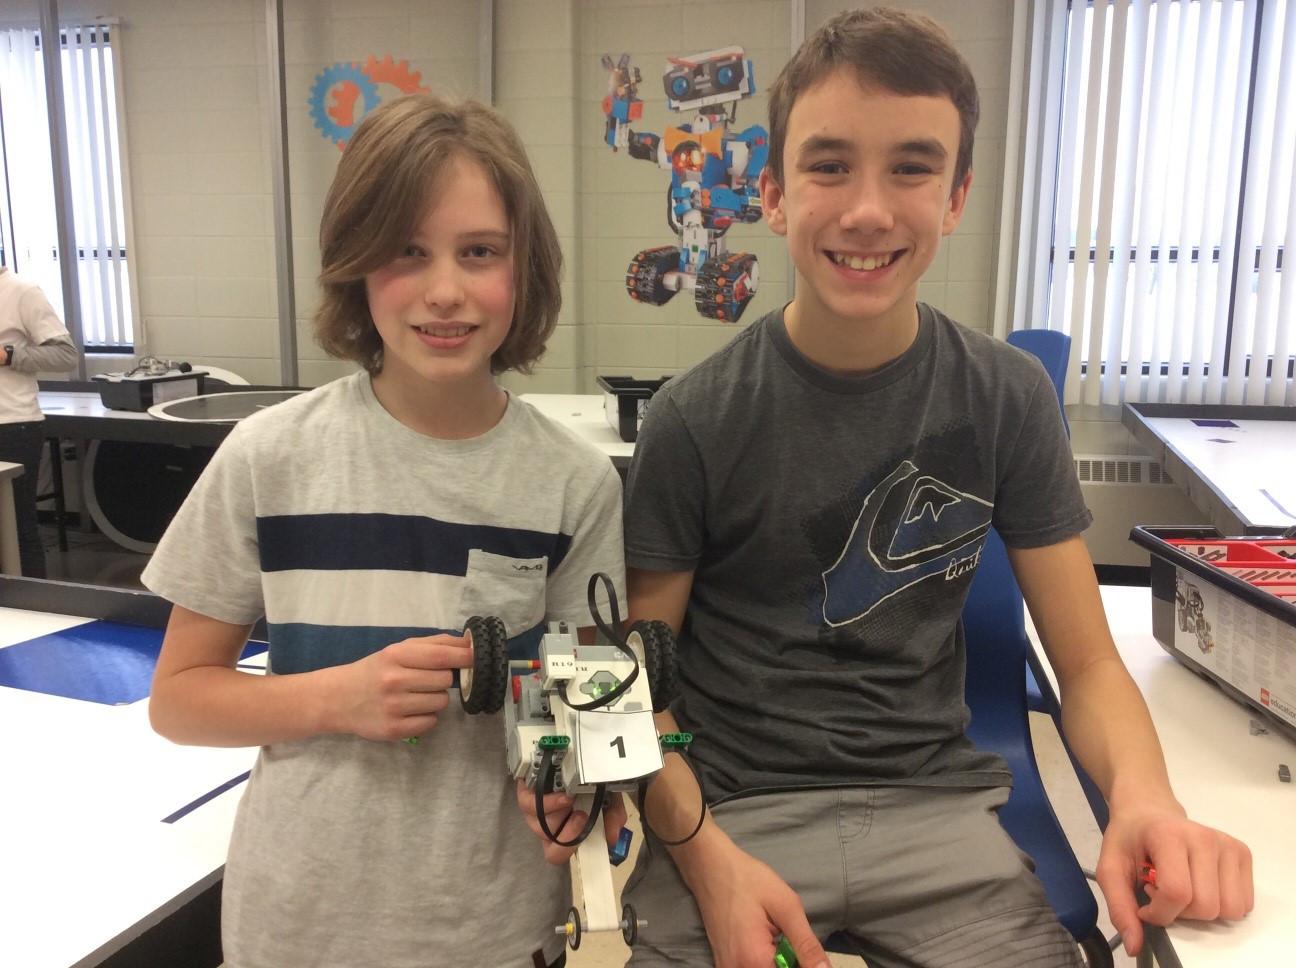 École secondaire de l'Horizon - Robotique